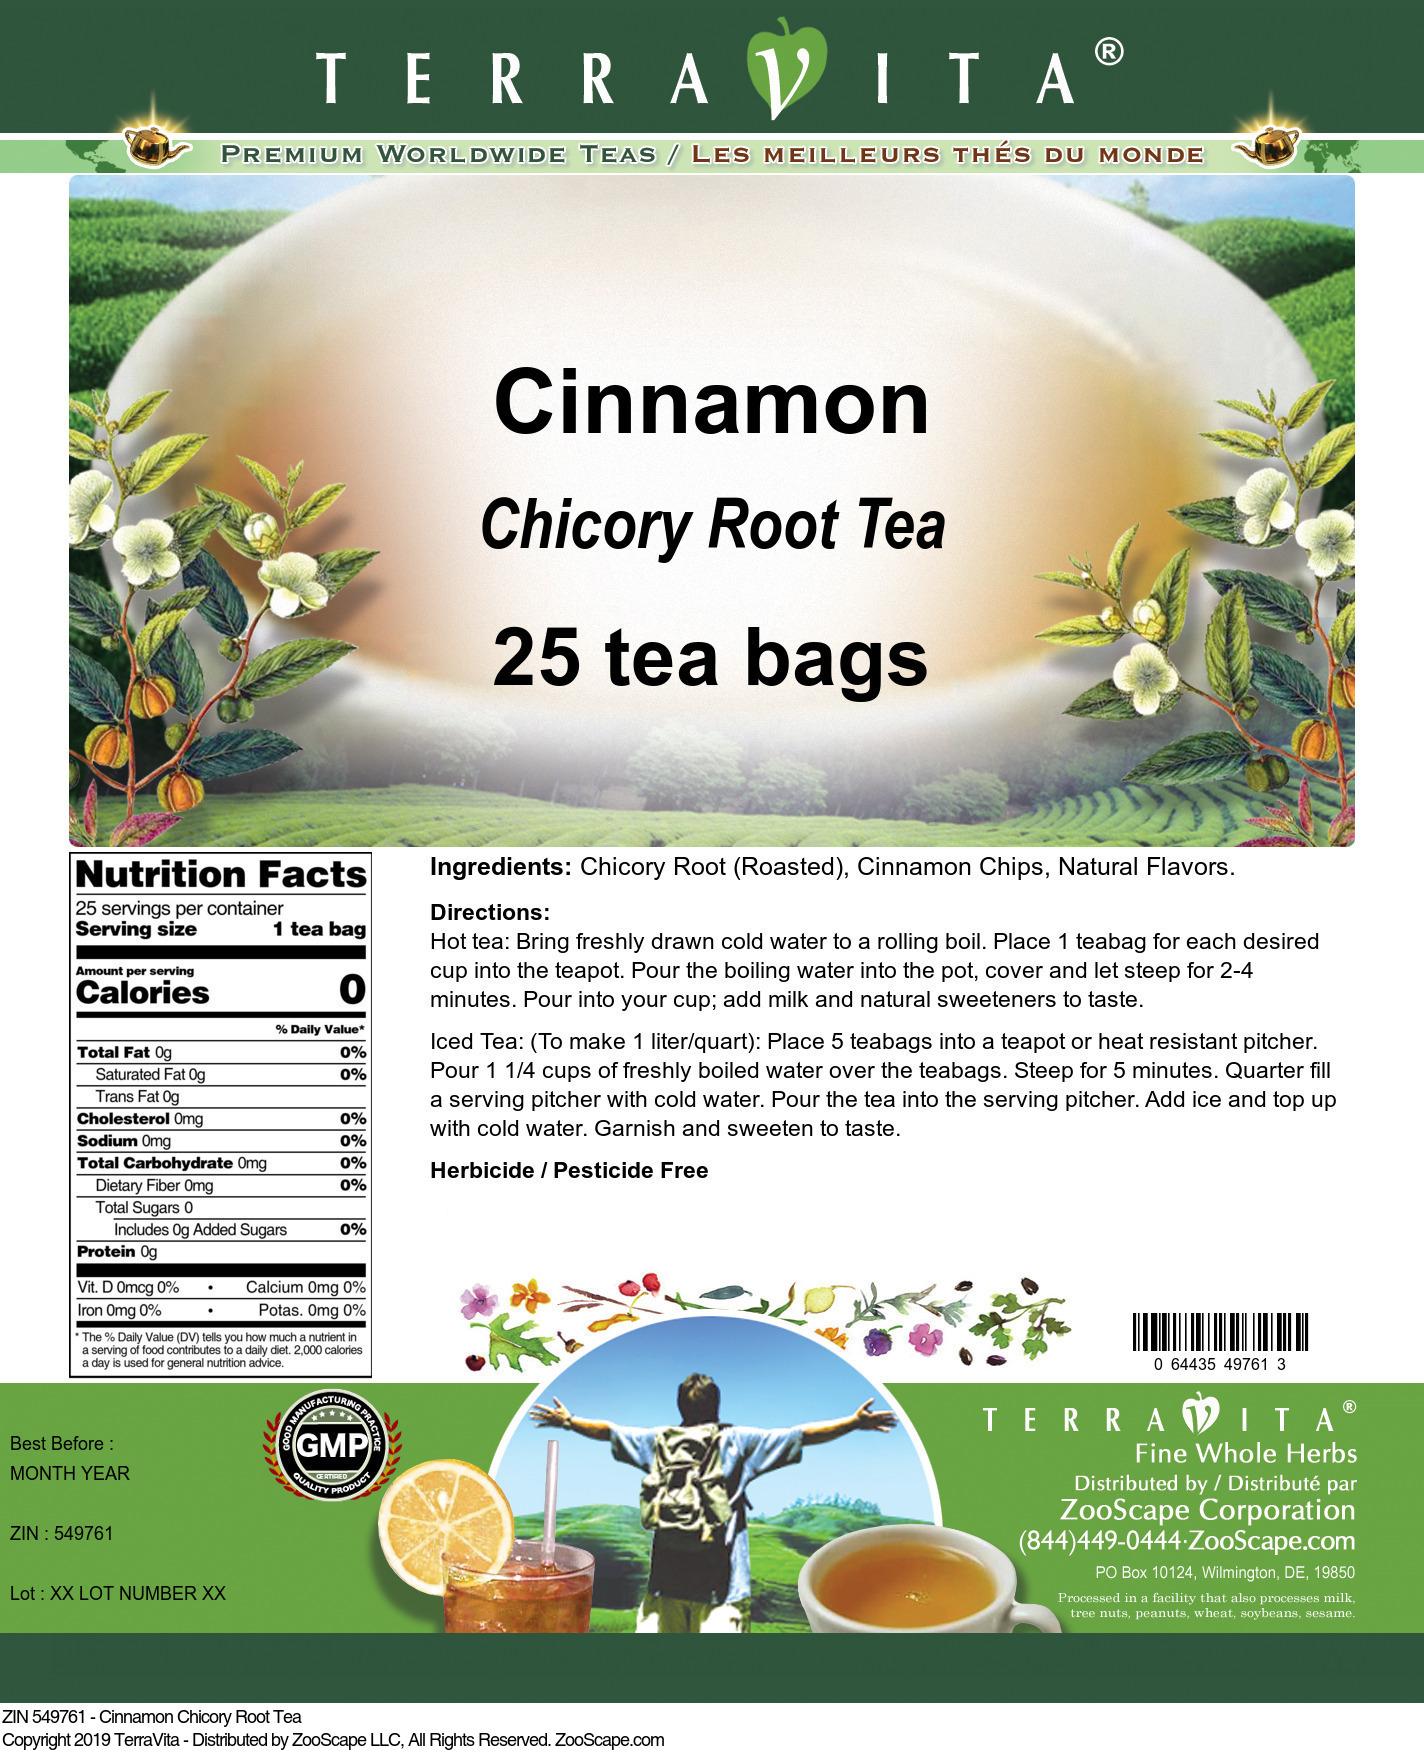 Cinnamon Chicory Root